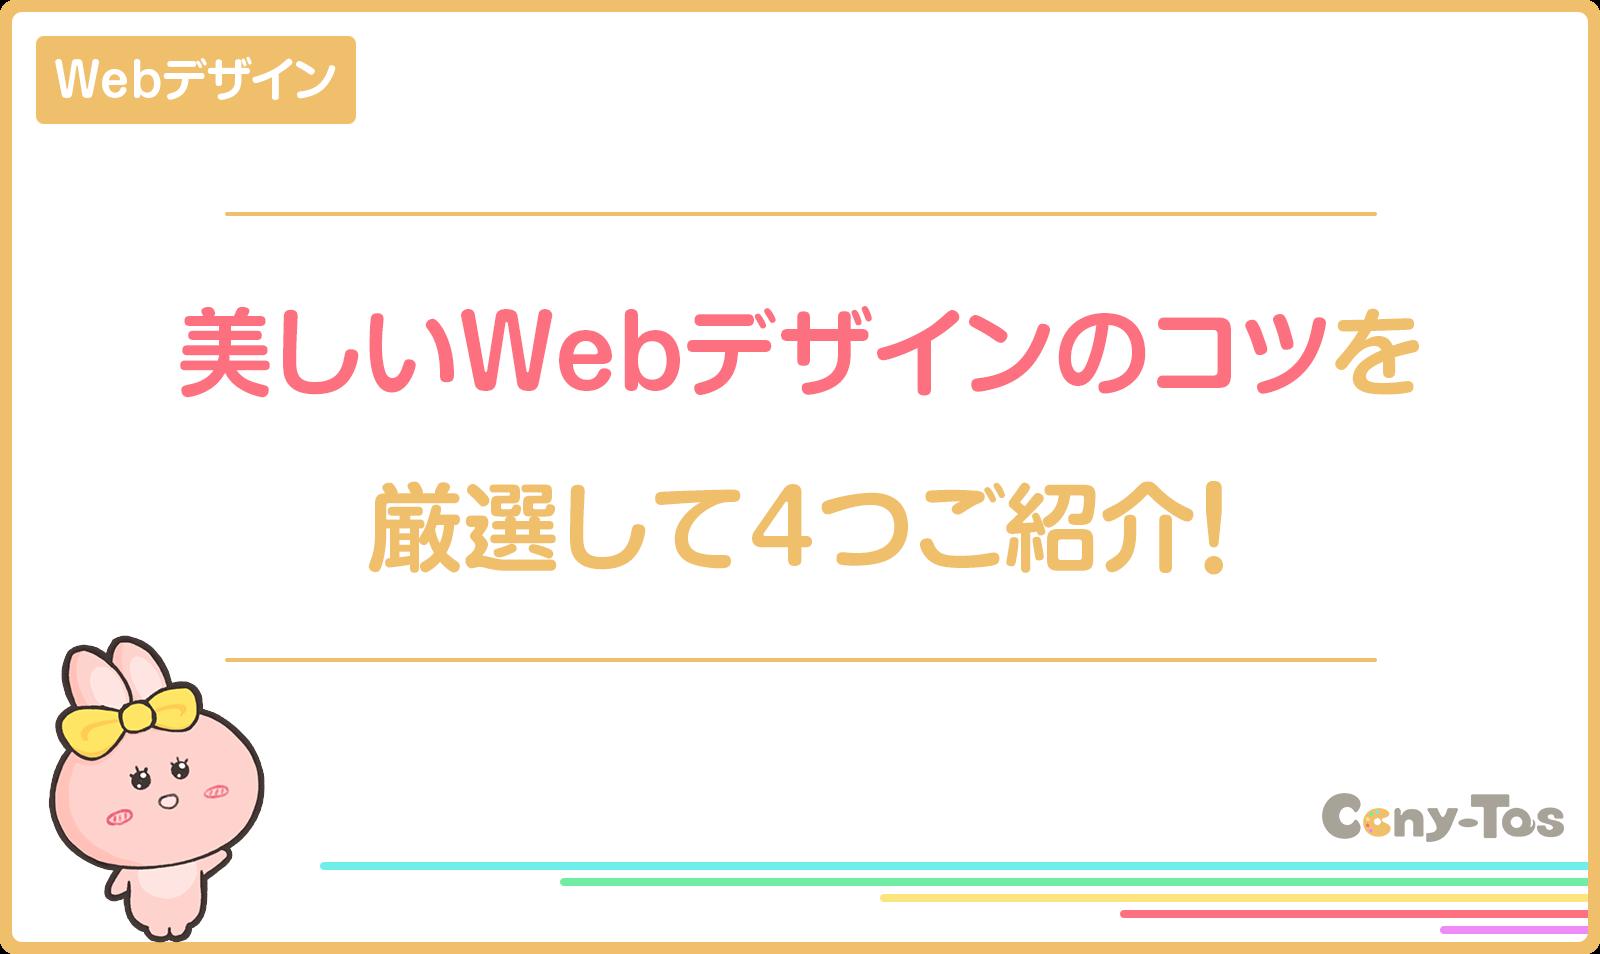 美しいWebデザインのコツを厳選して4つご紹介!